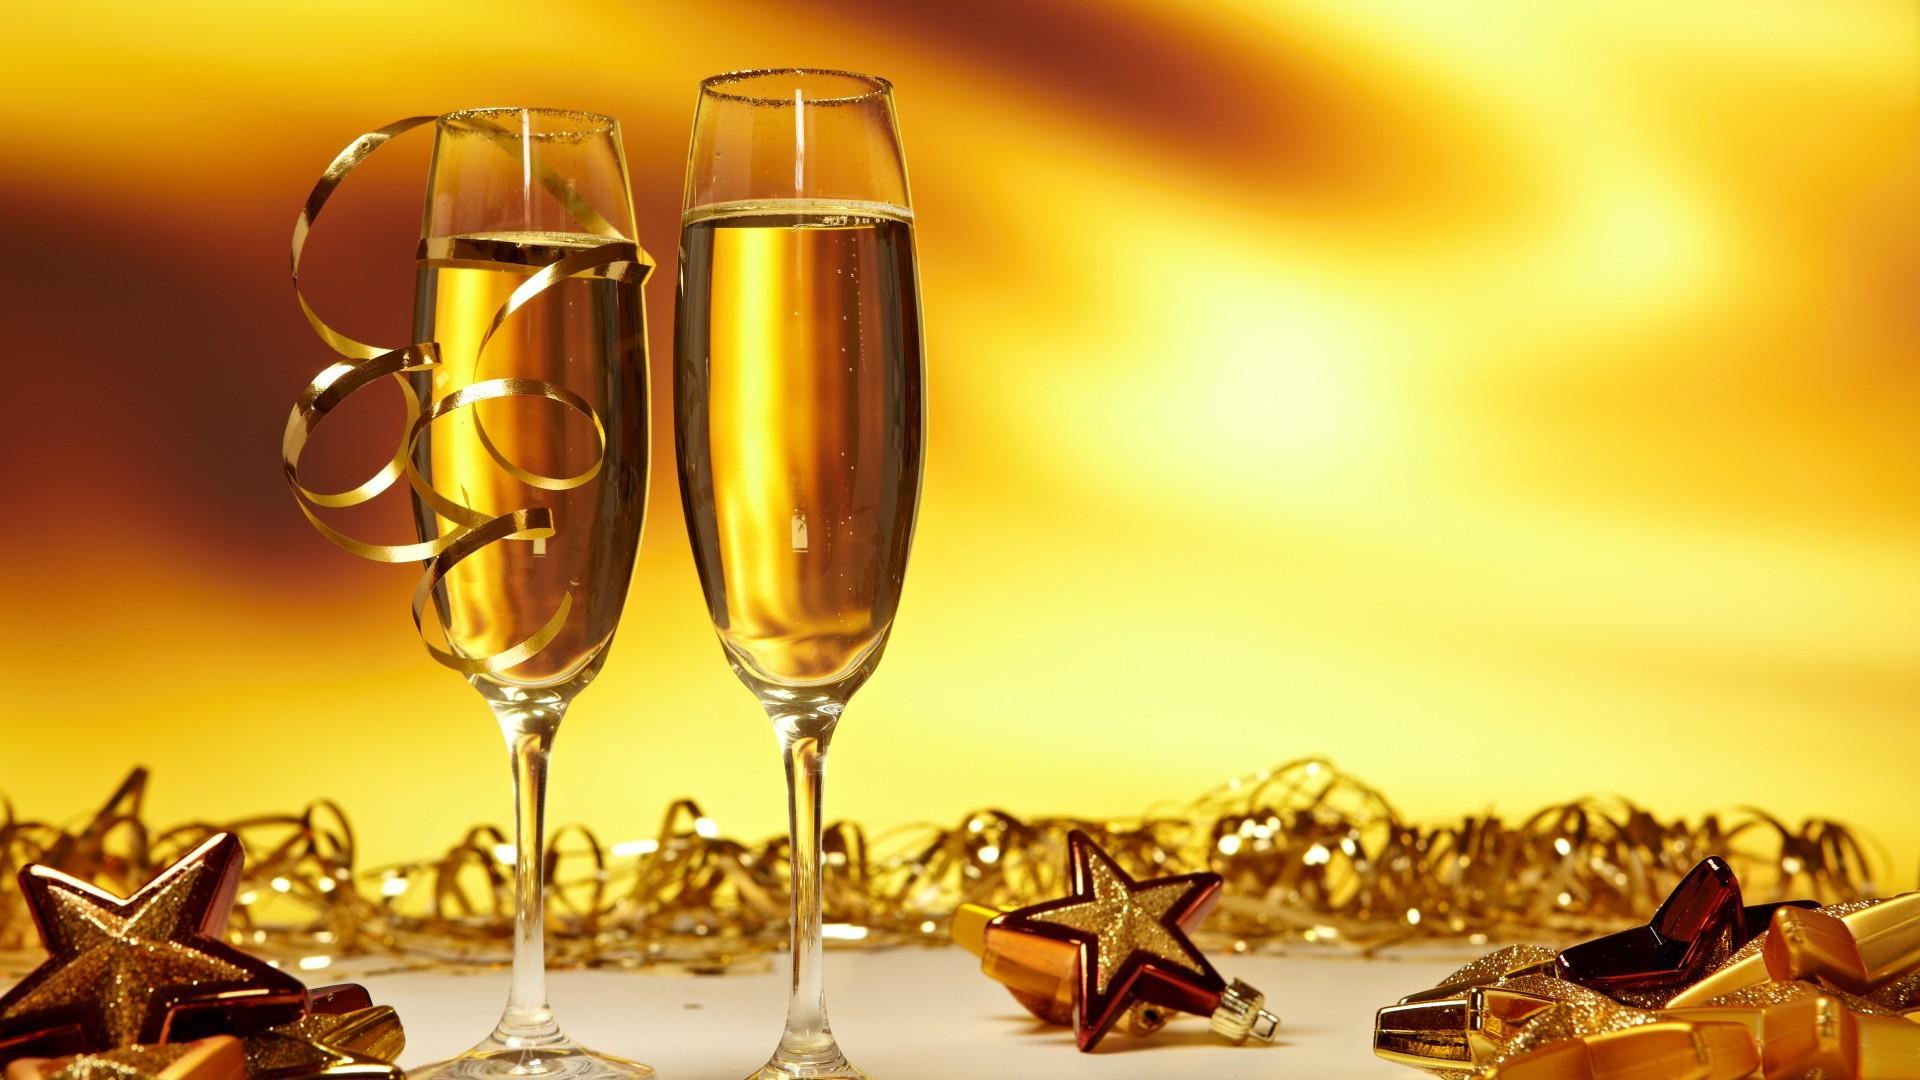 Телефон красивые, открытки с бокалами шампанского с днем